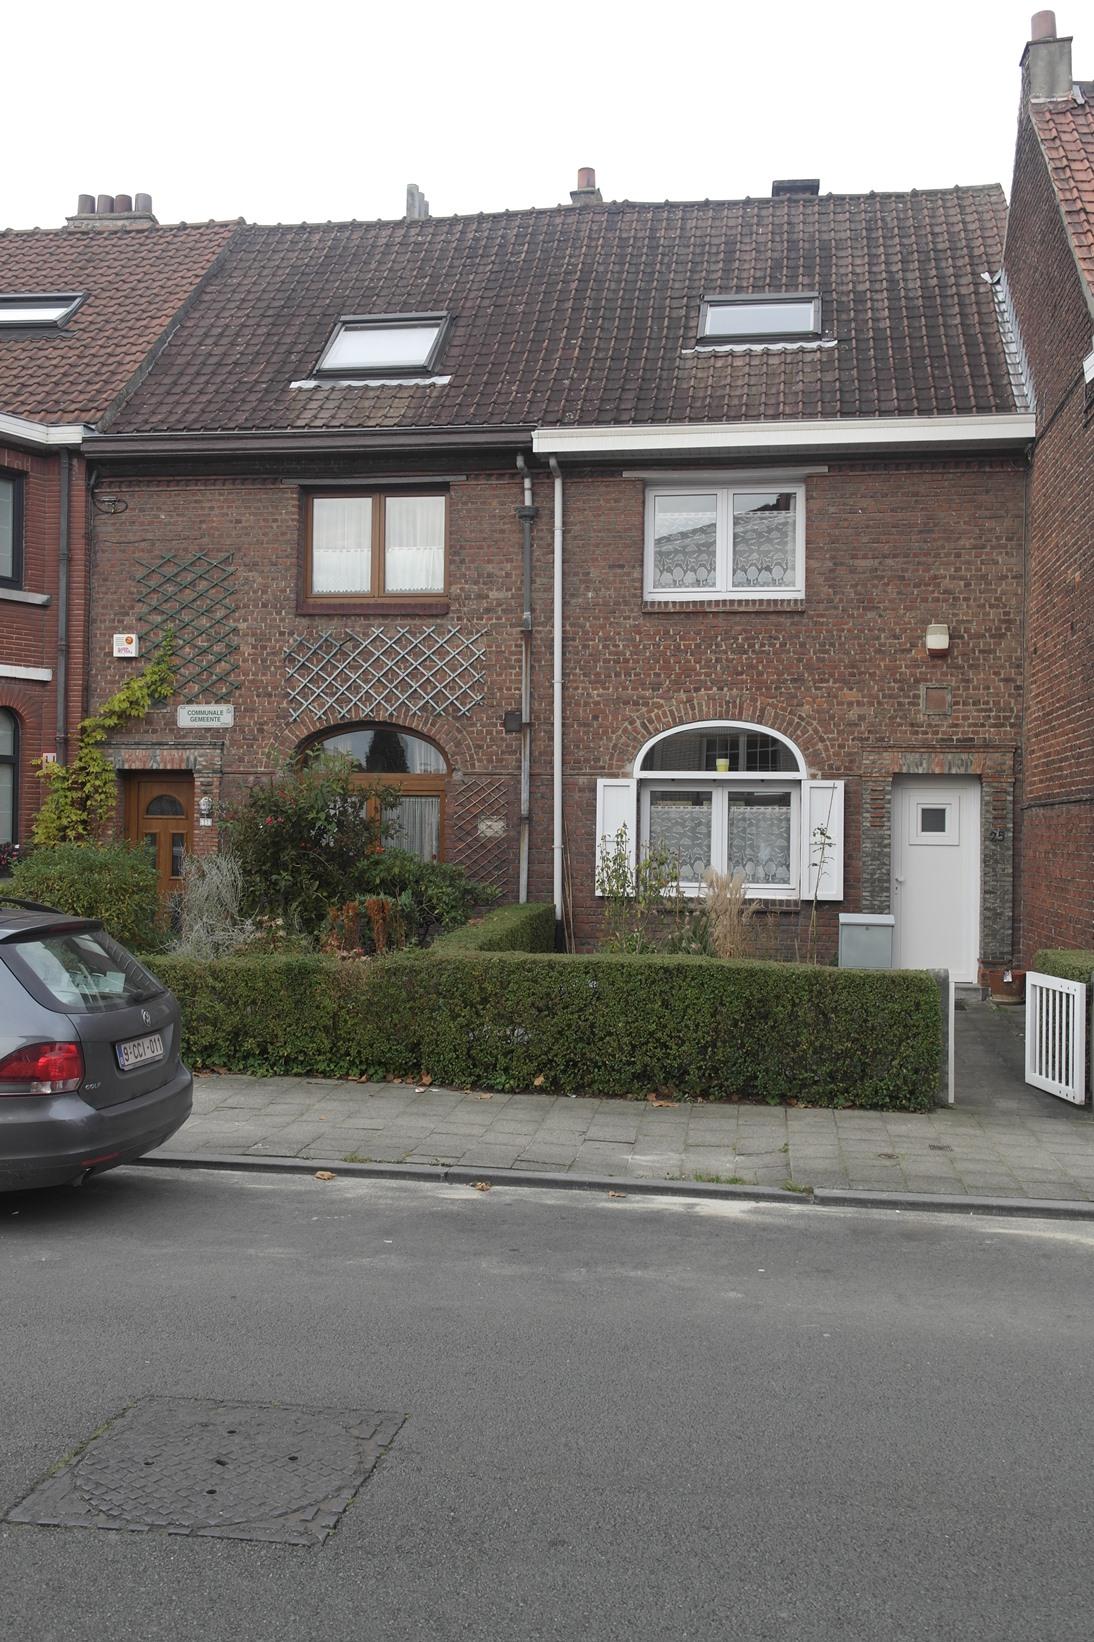 Tuinwijk Het Heideken. Gemeentestraat 23 en 25, 2014